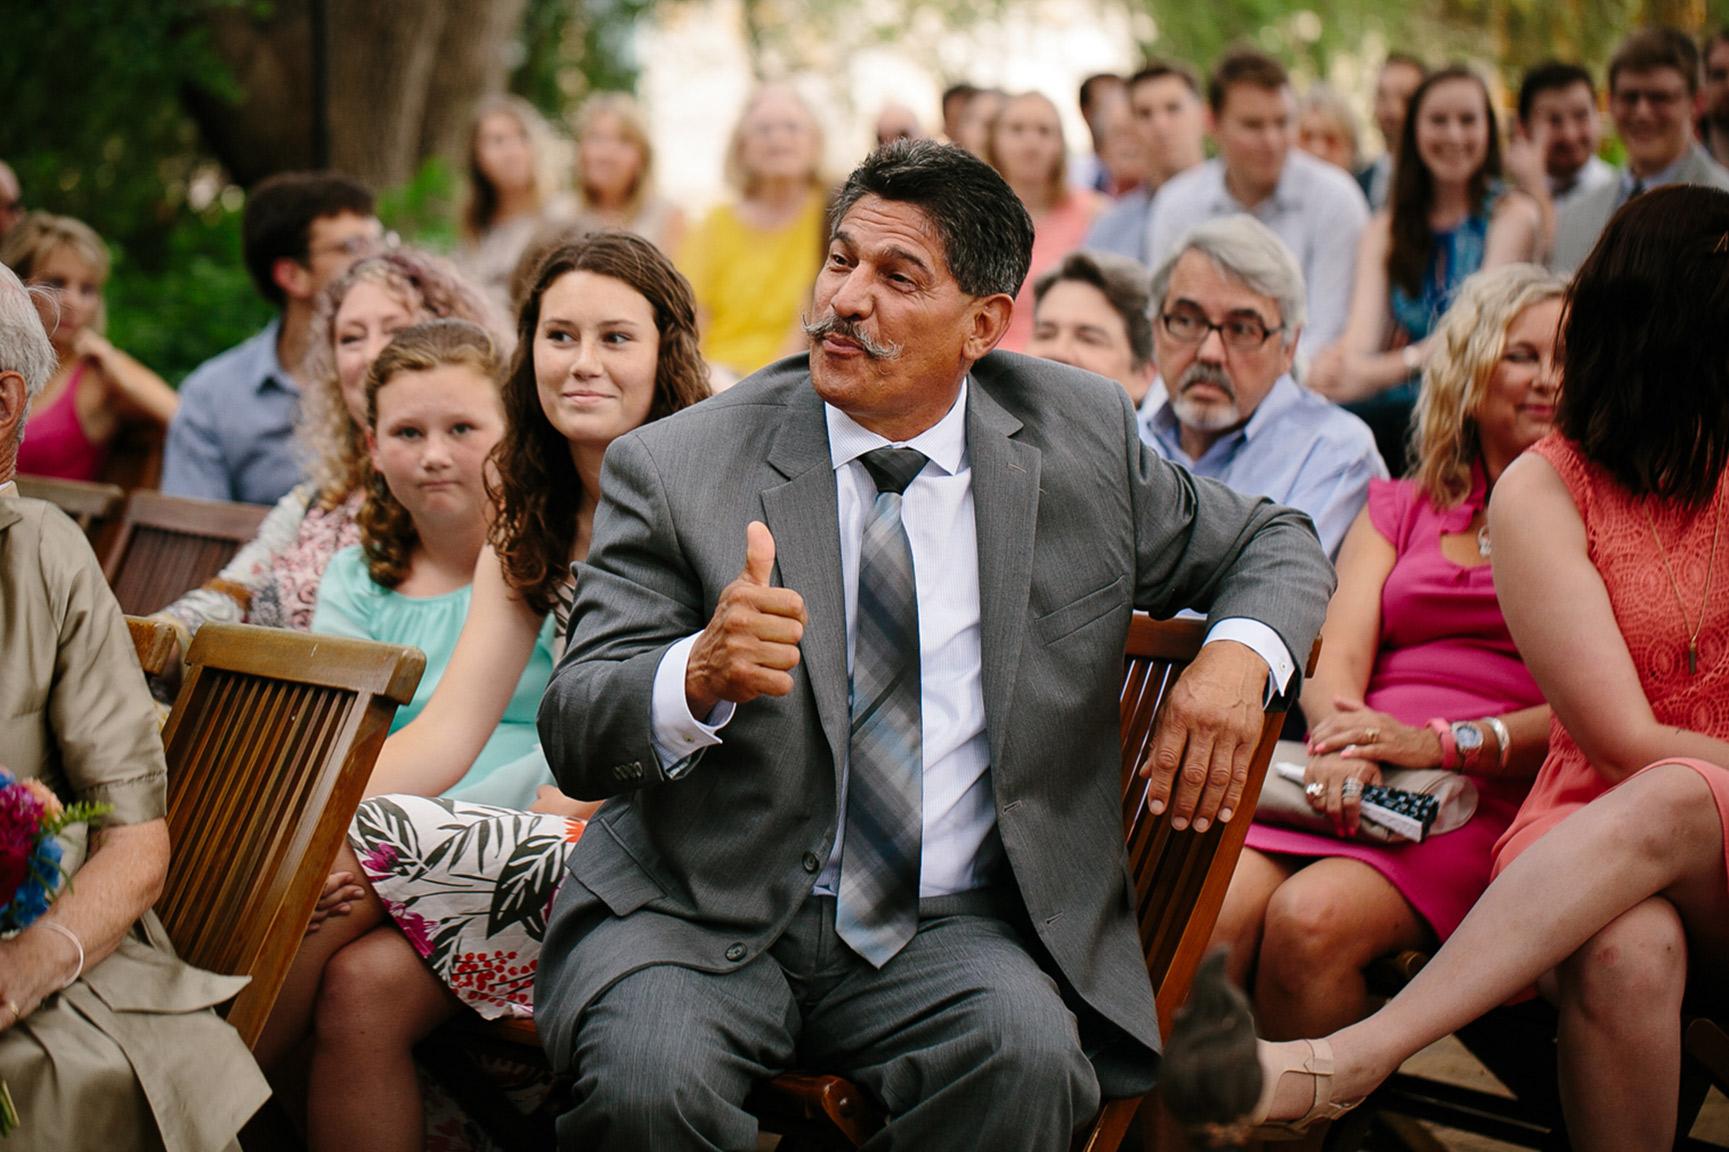 Austin_WeddingPhotographerWARRWEDDING019.jpg